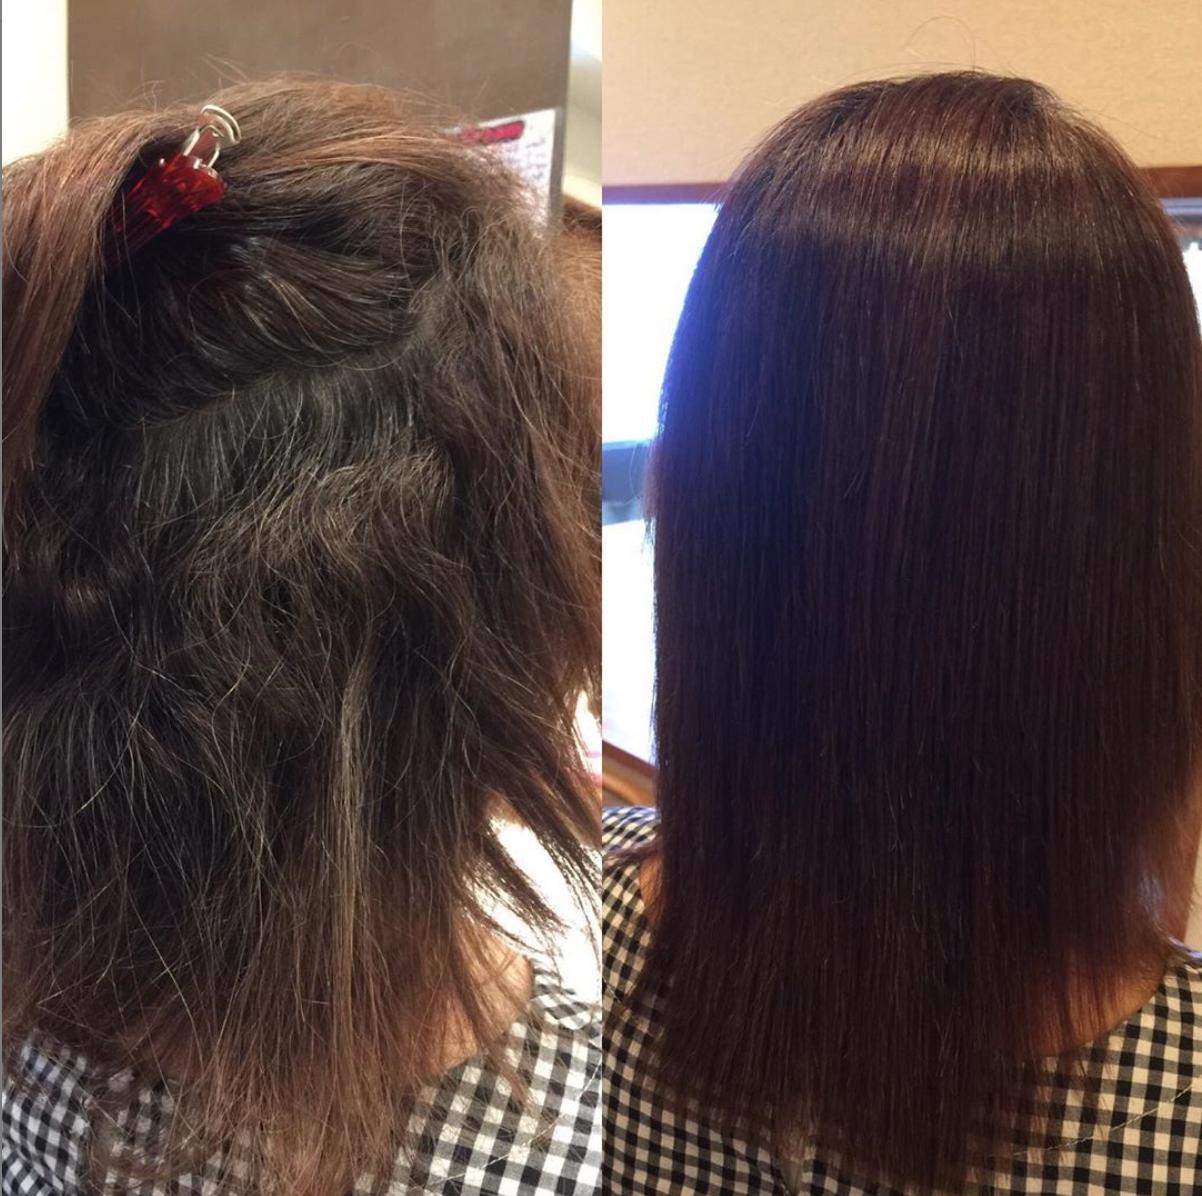 強いくせやウネリでお悩みの方も 雨や汗のベタベタまとまらない髪に キレイ髪ストレート 弱酸性だから 髪に負担をかけず長持ちするのもいいところ 縮毛矯正 ストレートパーマ 柏美容室 髪質改善 髪 ストレート ヘアスタイリング 縮毛矯正